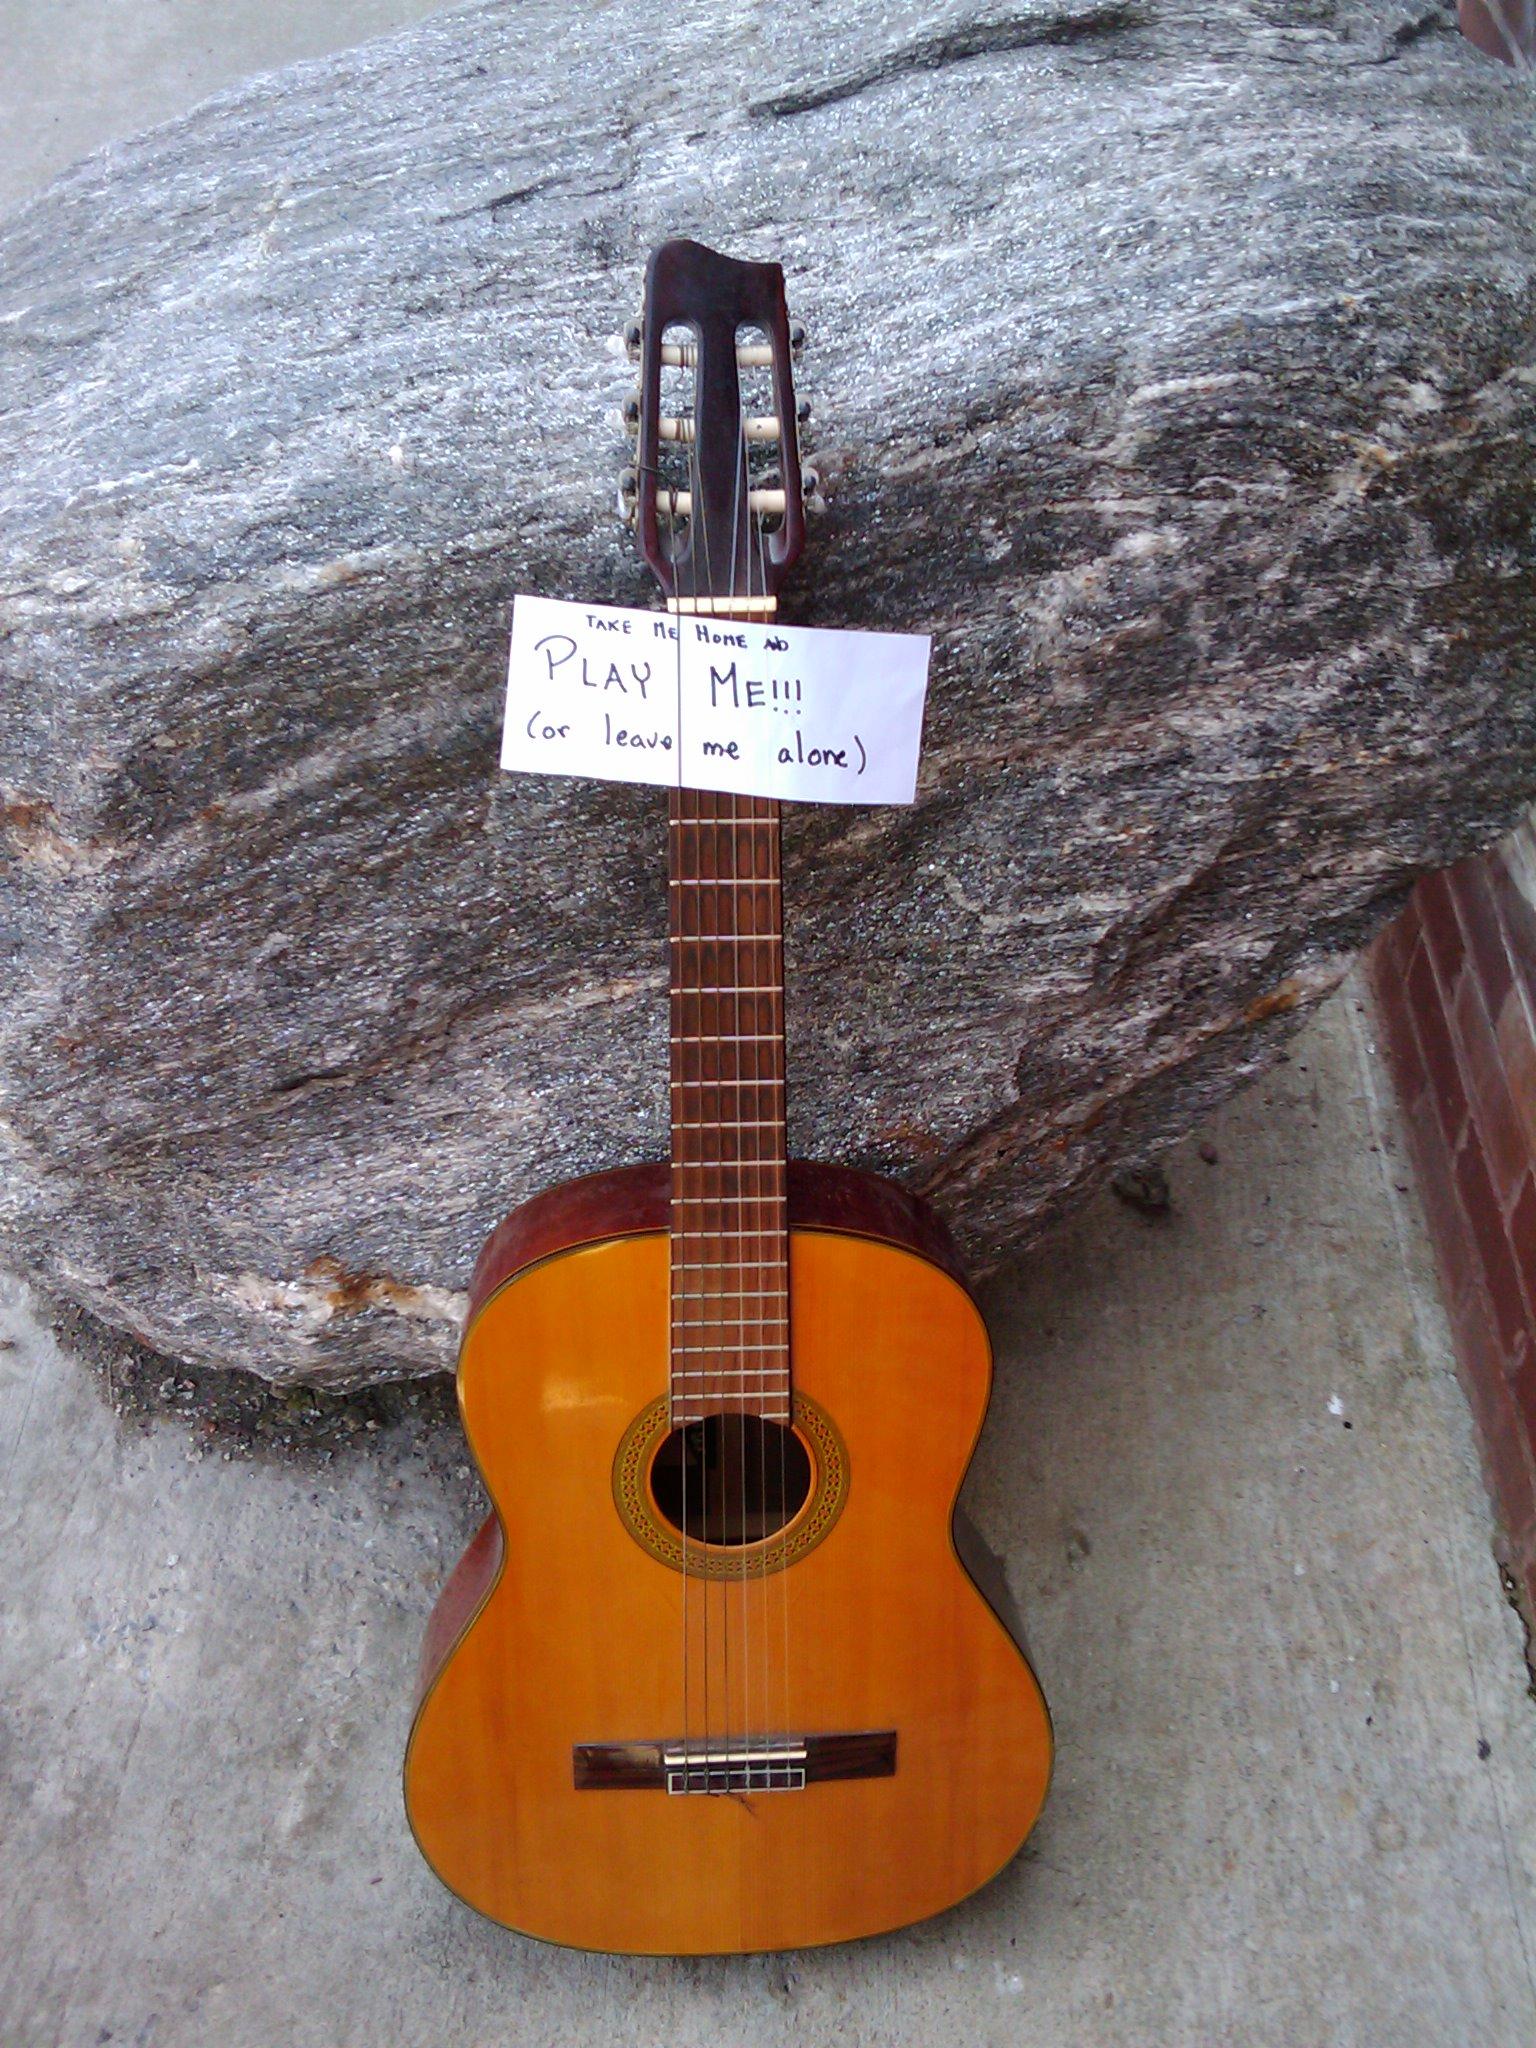 How to dump a guitar